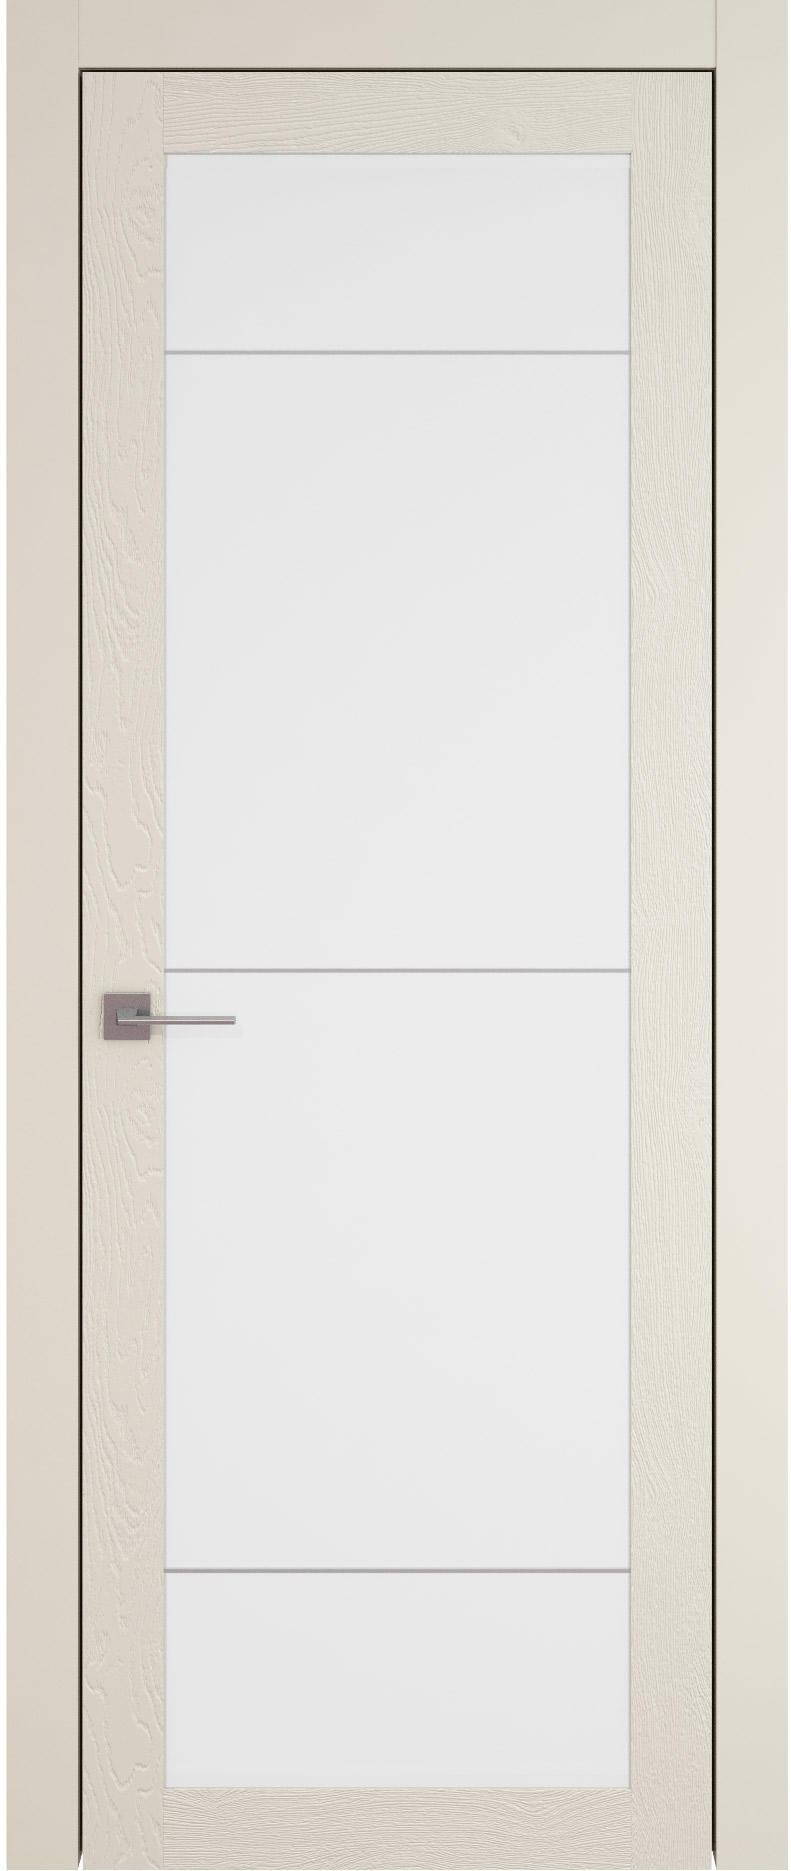 Tivoli З-3 цвет - Жемчужная эмаль по шпону (RAL 1013) Со стеклом (ДО)